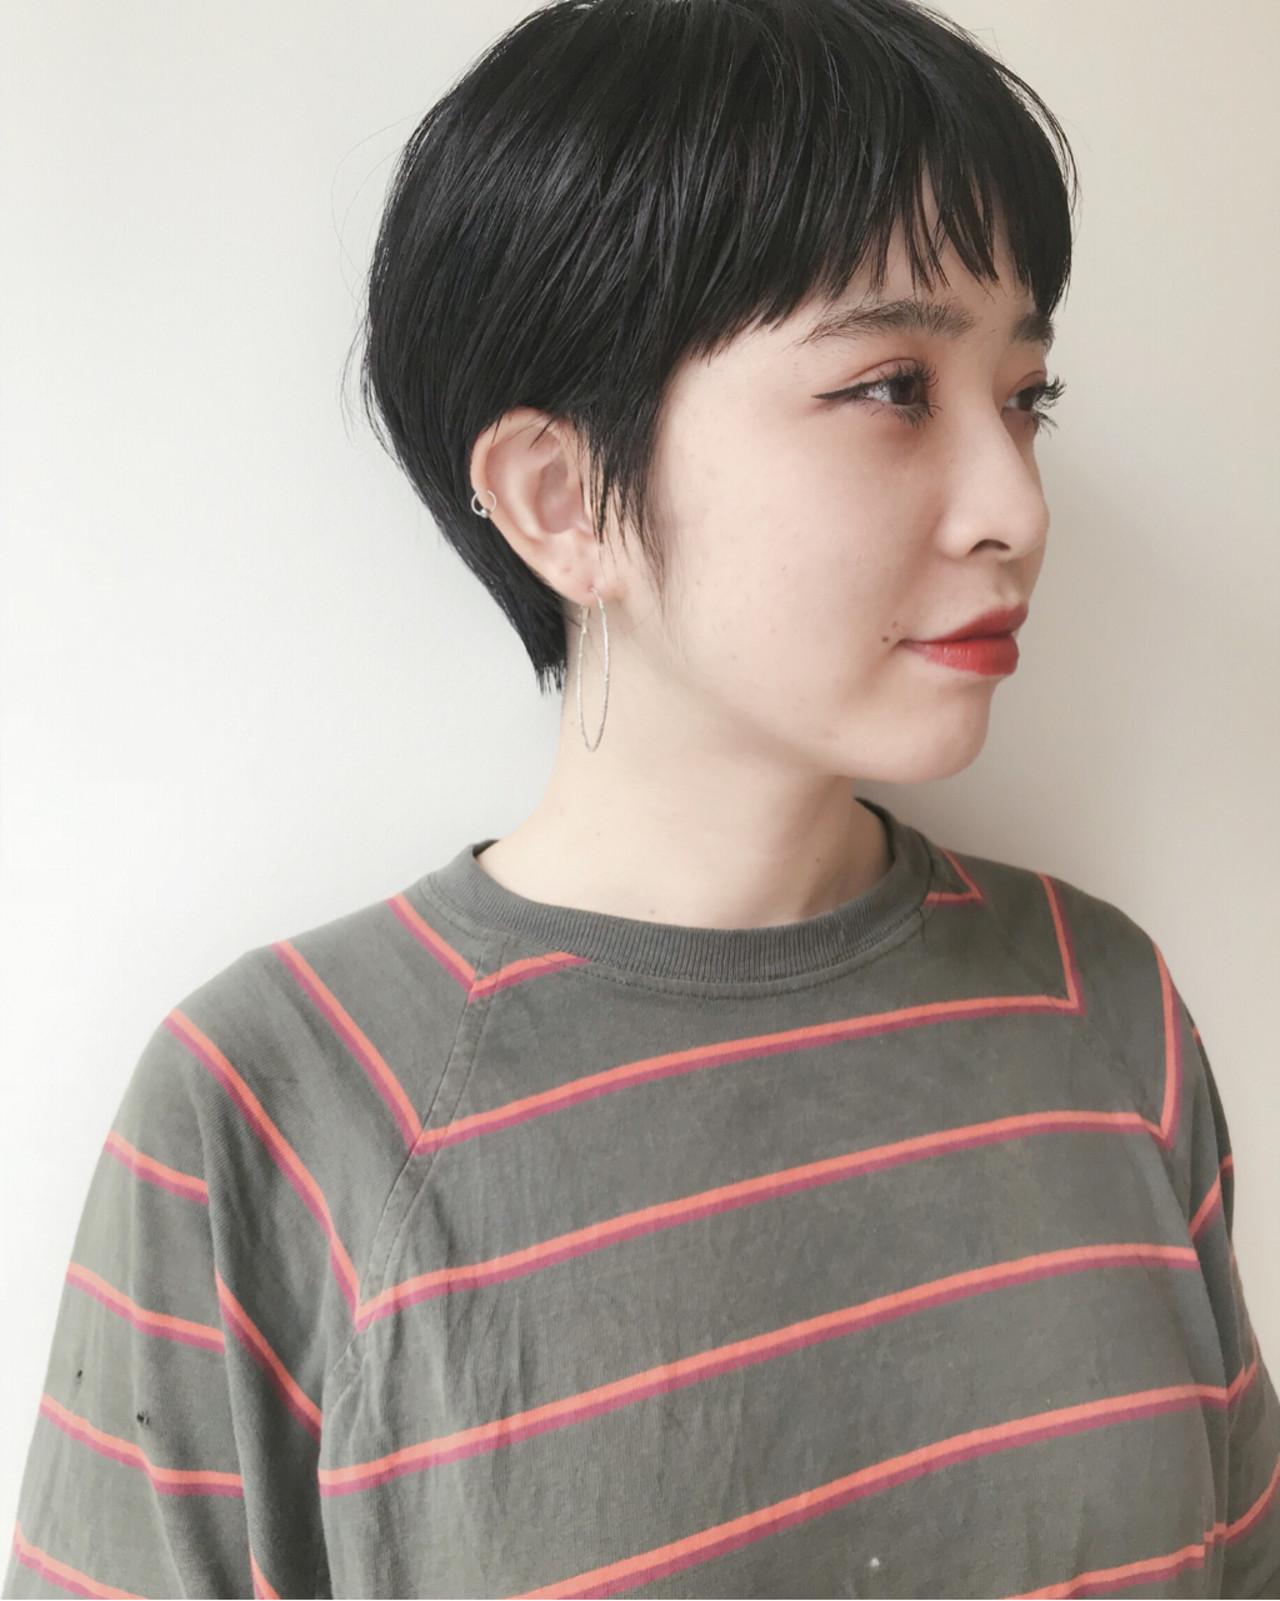 ナチュラル 黒髪 ショート マッシュ ヘアスタイルや髪型の写真・画像 | 仙頭郁弥 / LIM+LIM